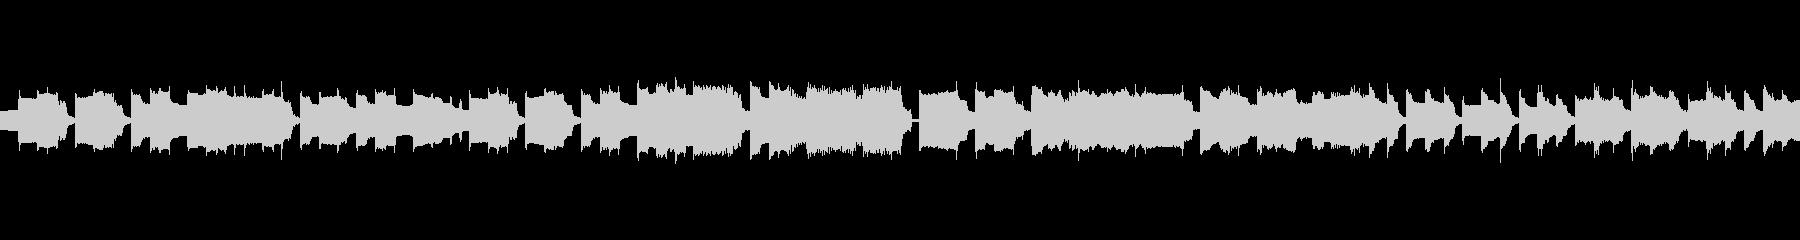 ループ レトロRPGフィールド-冒険の未再生の波形